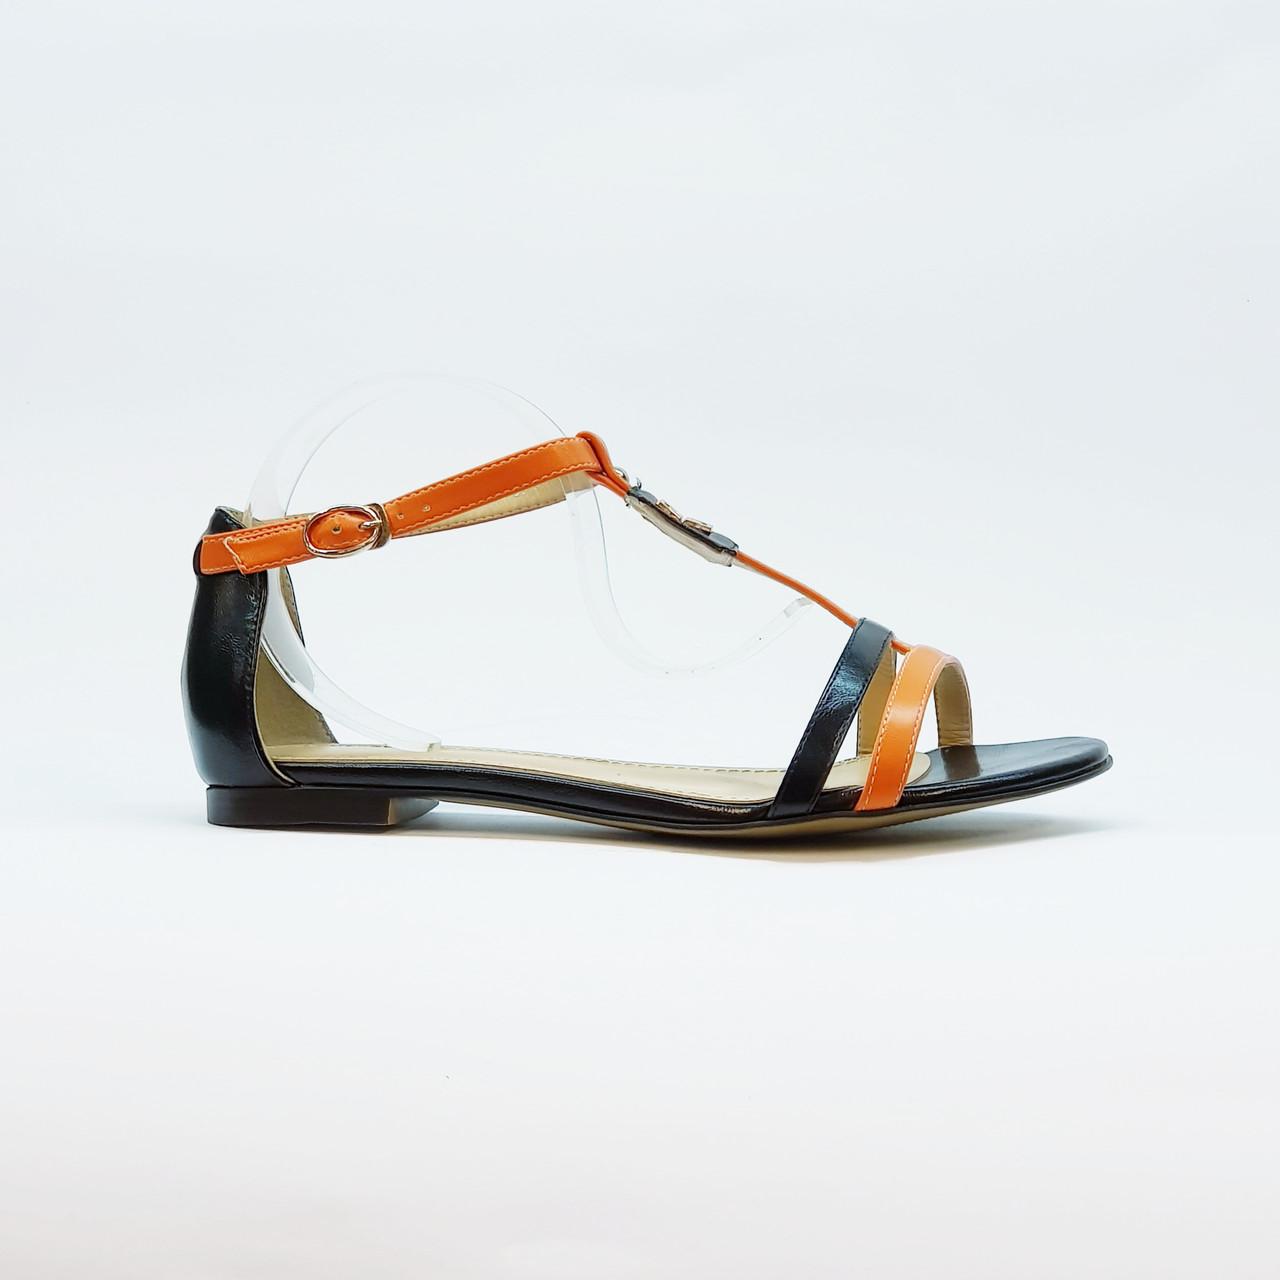 Сандалі жіночі штучна шкіра низький каблук помаранчеві